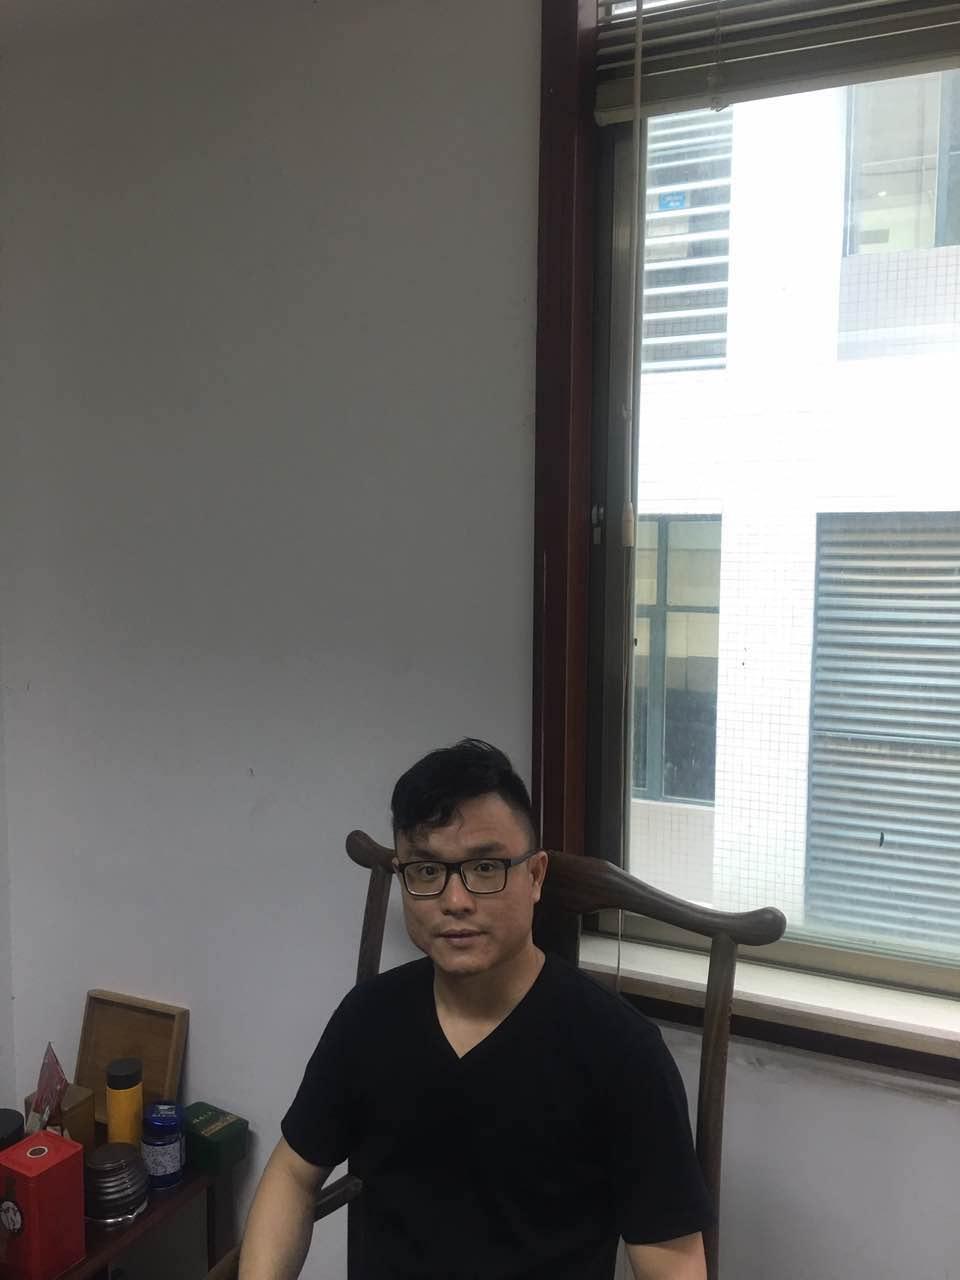 刘超-惠州市新奥广告有限公司创始人